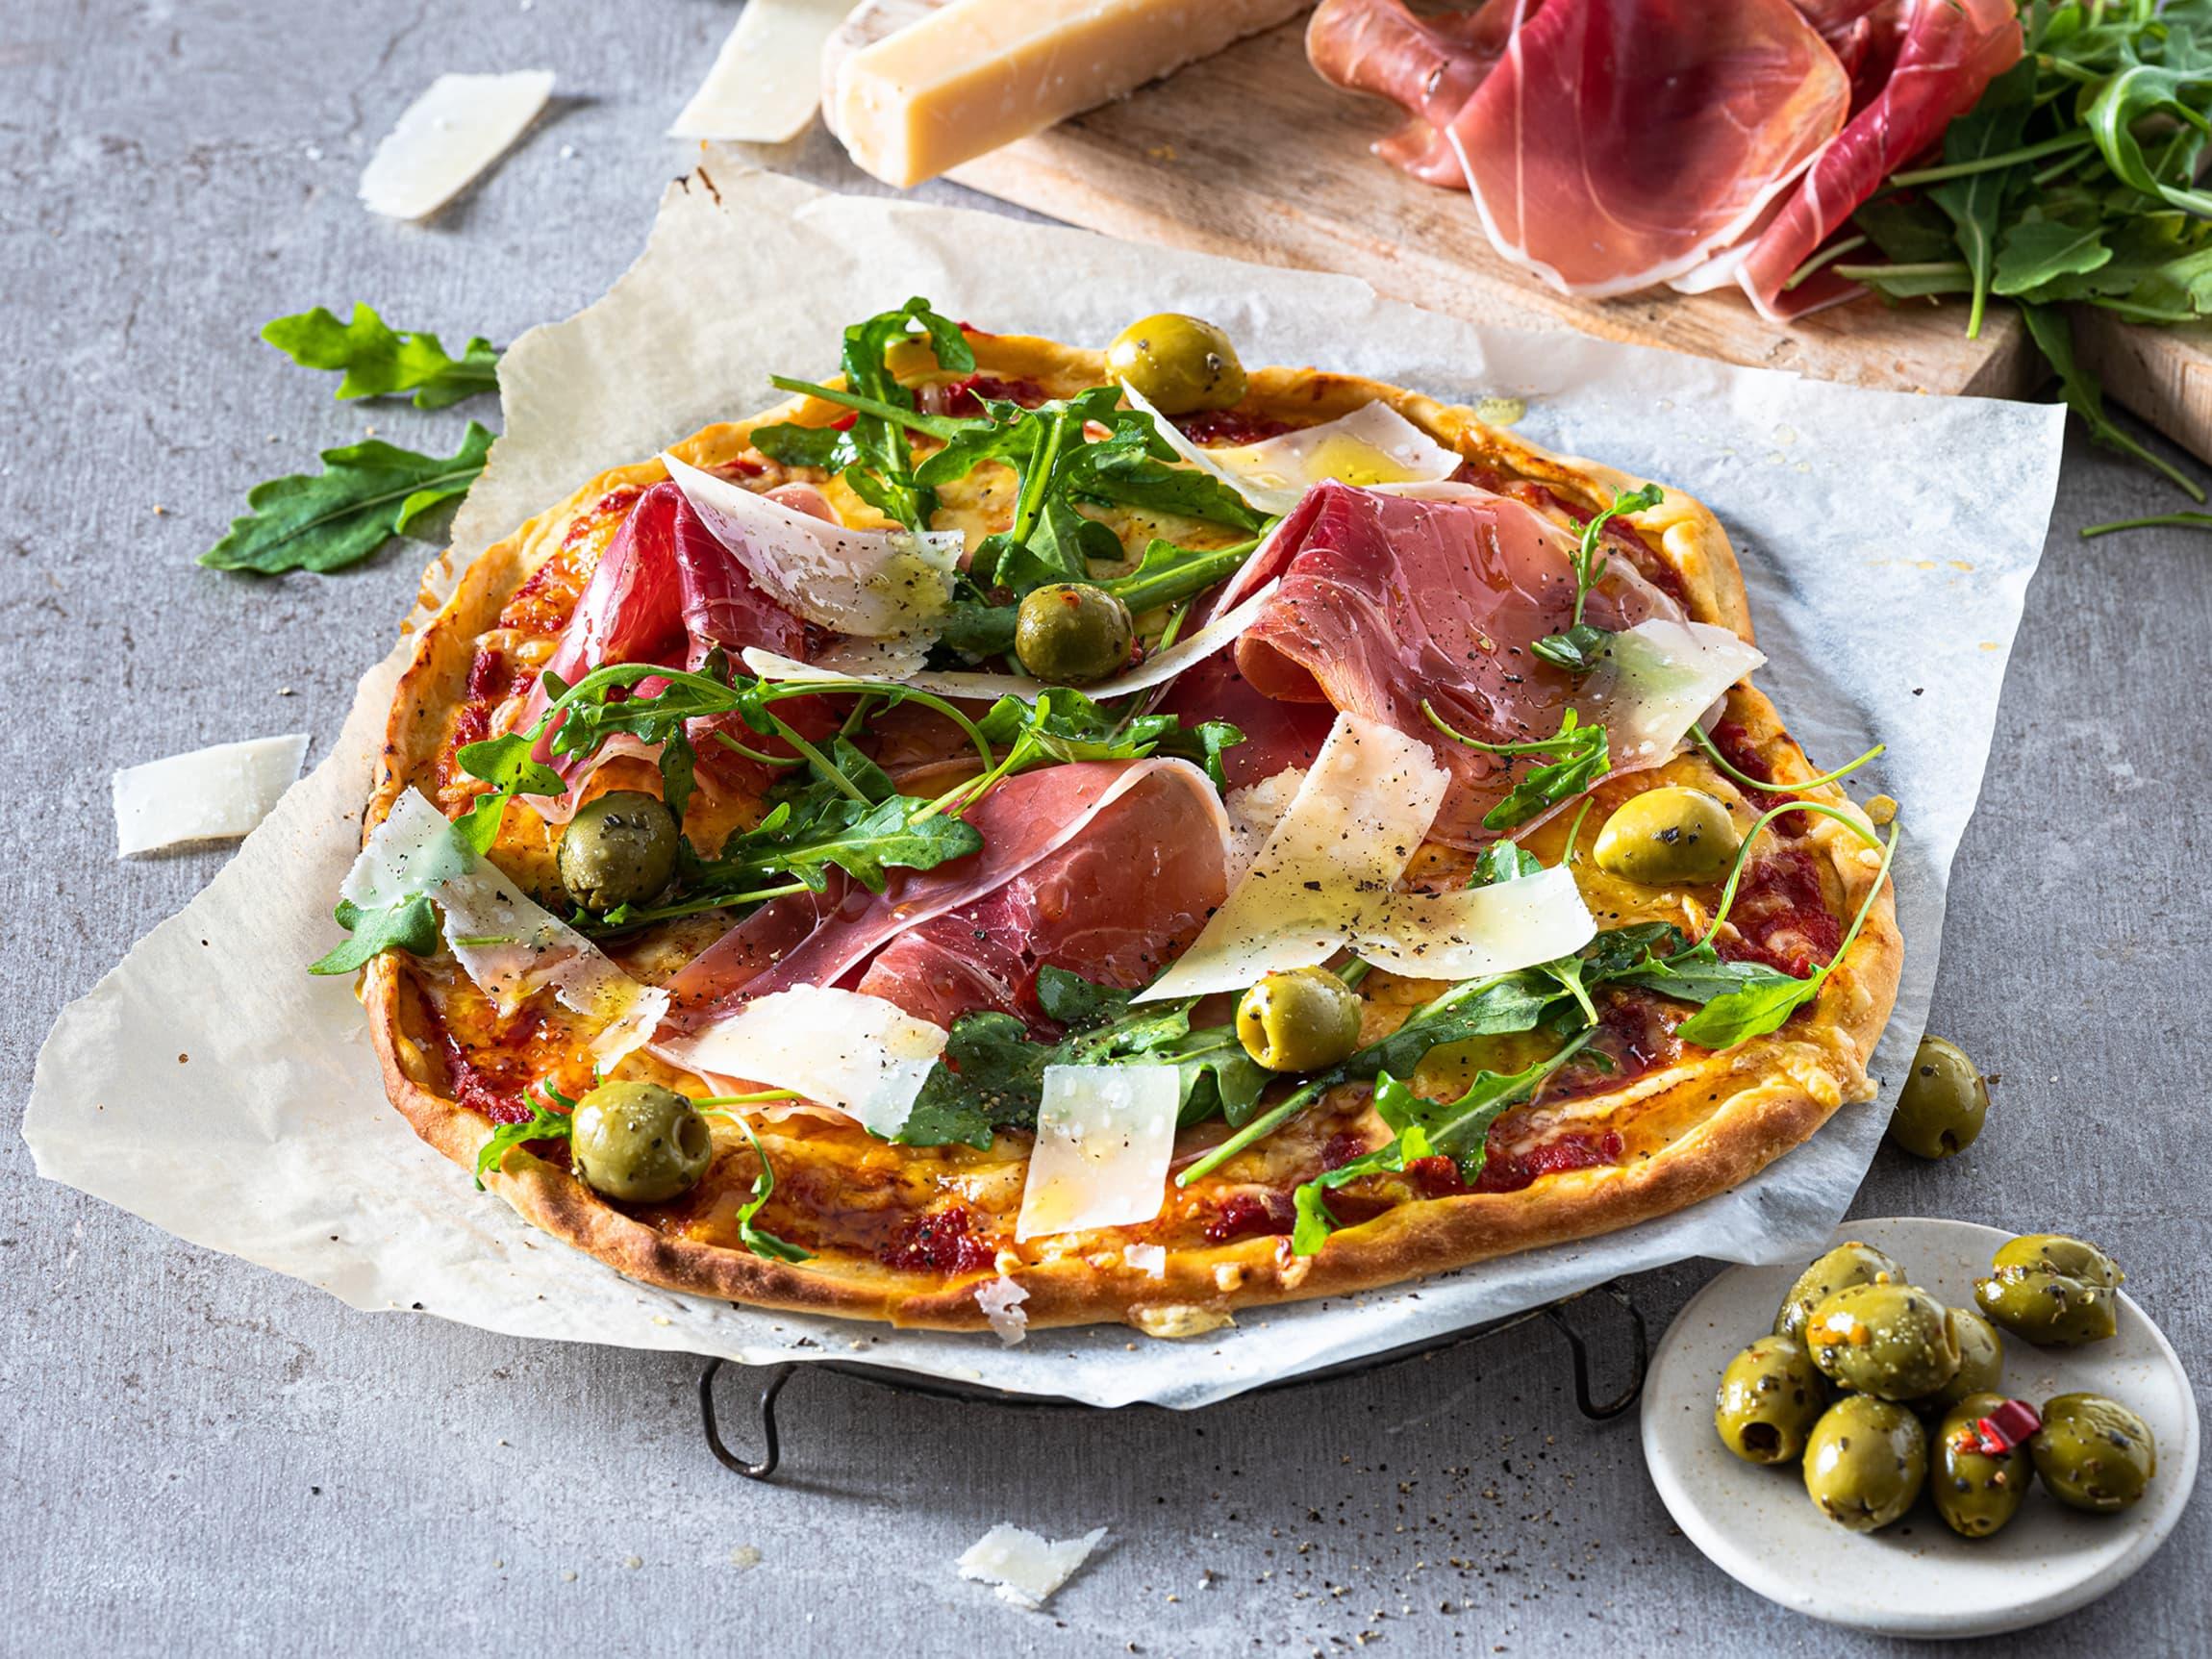 Det ble laget mye god pizza i 2020, og typiske pizza-ingredienser hadde hele 40% vekst!